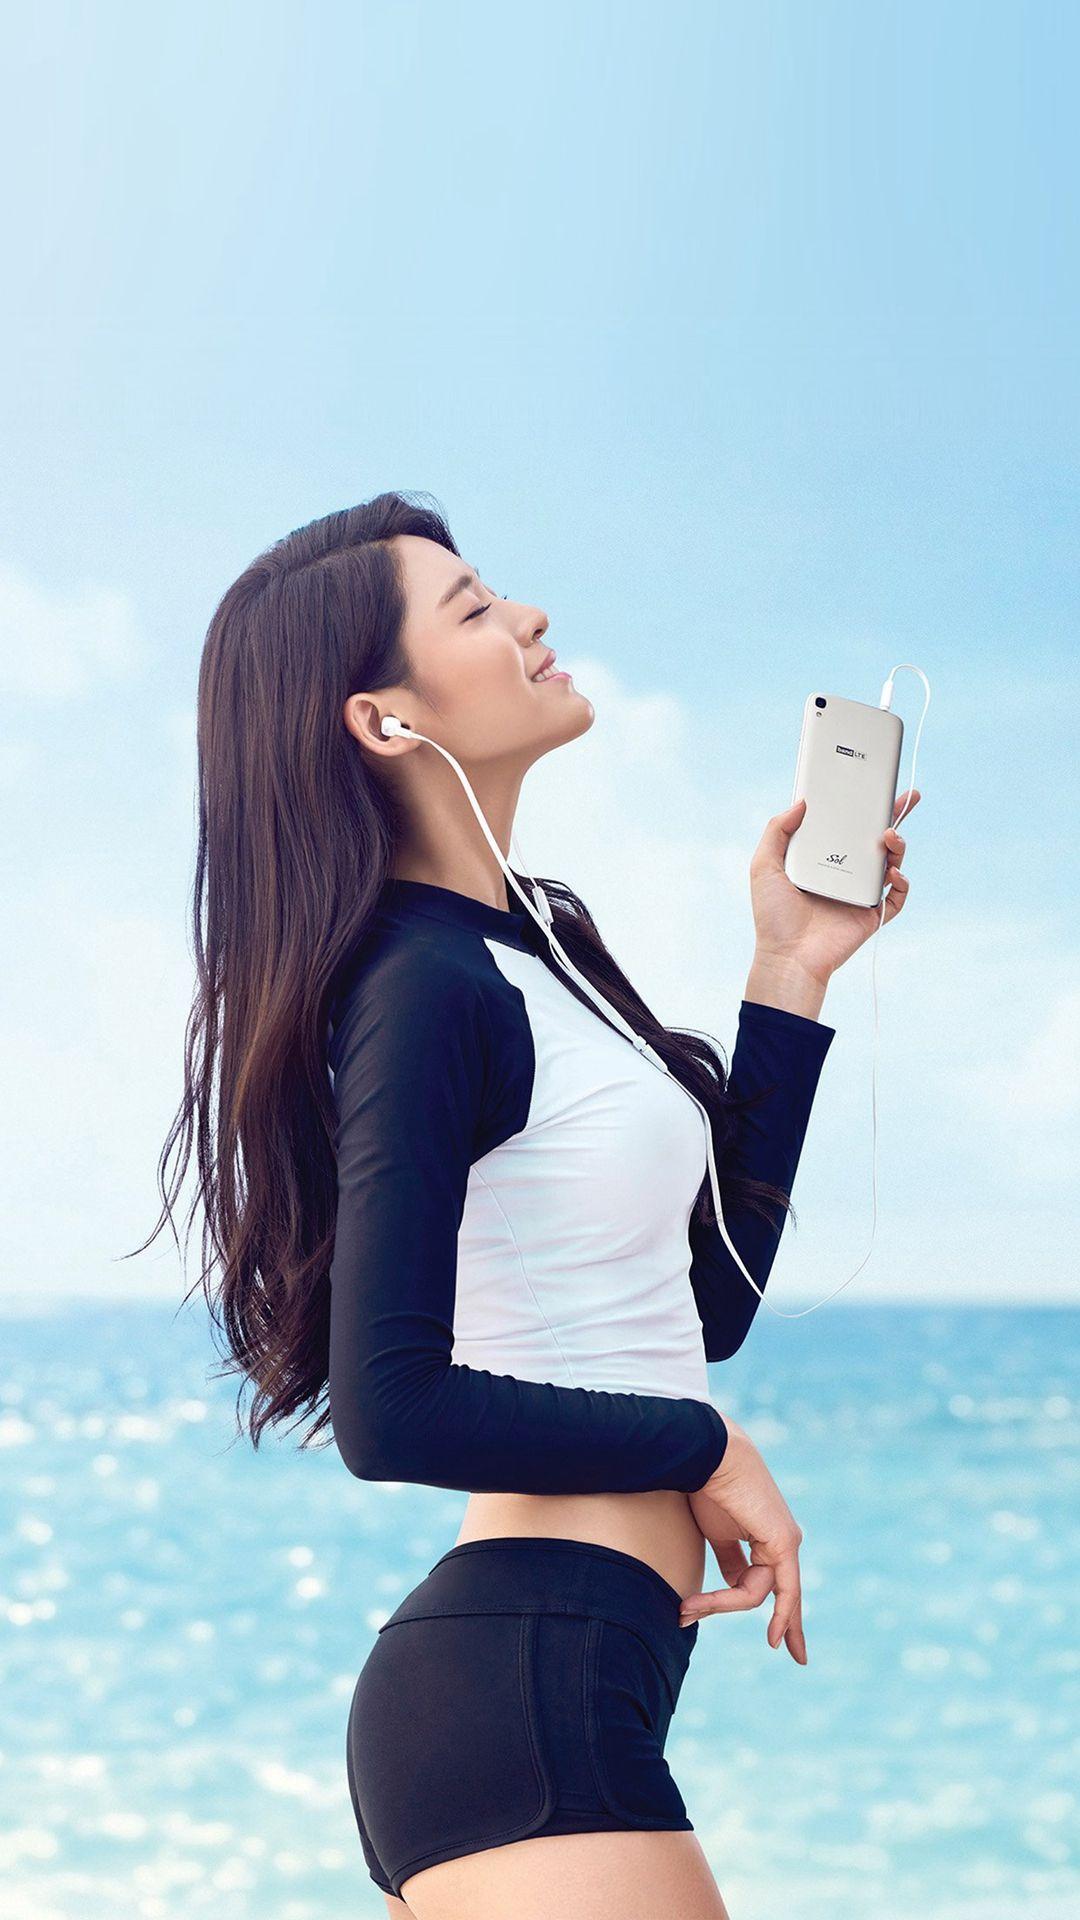 Seolhyun Aoa Kpop Sea Summer Cute iPhone 7 wallpaper